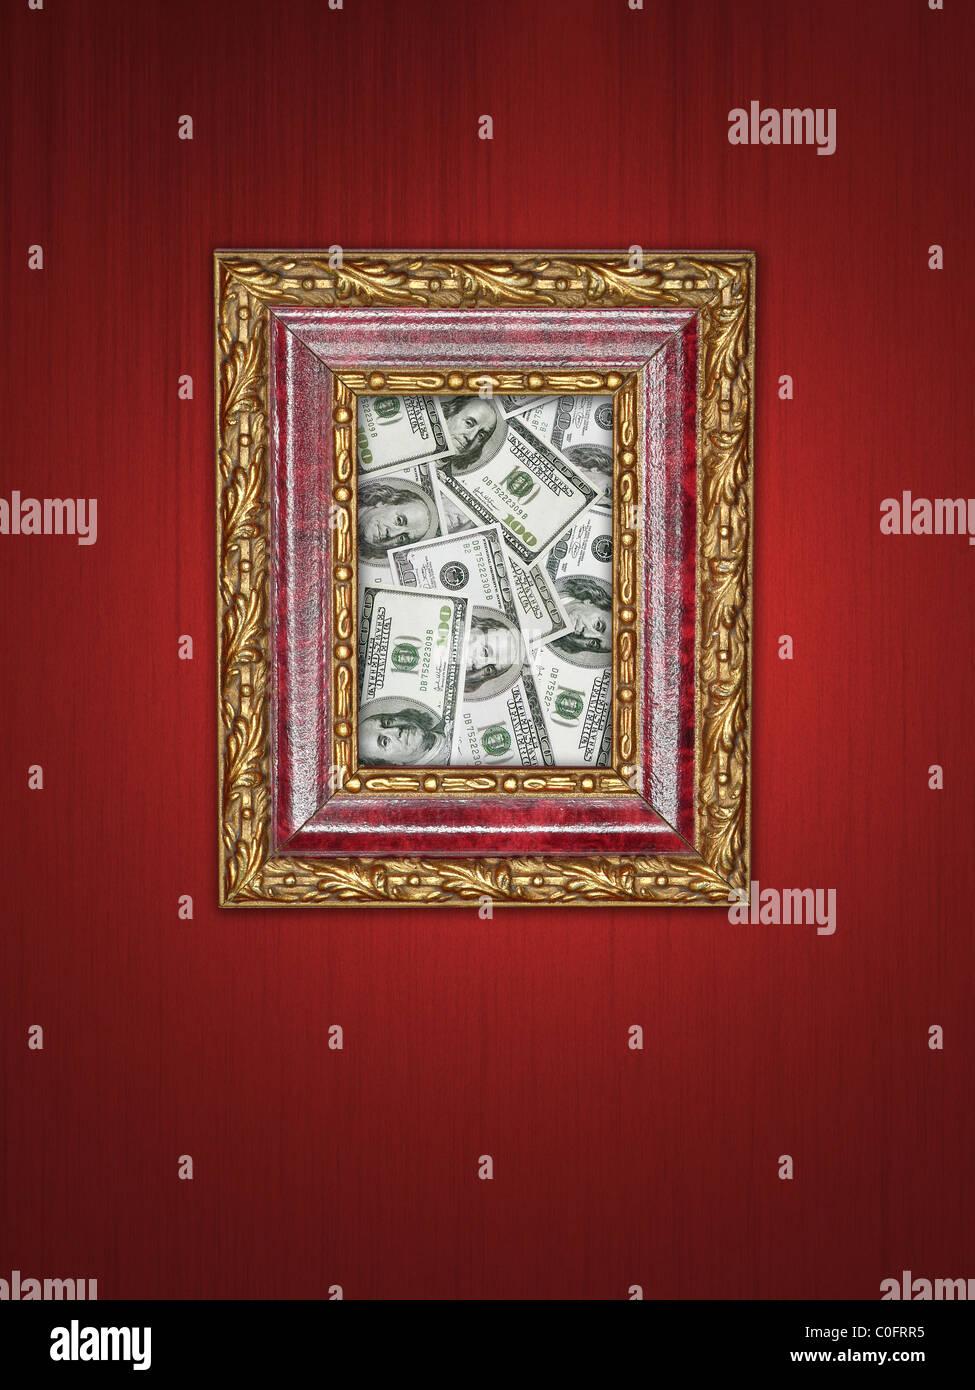 Pile de billets de cent dollars dans un cadre photo en bois avec des ornements d'or accroché sur mur pourpre Photo Stock